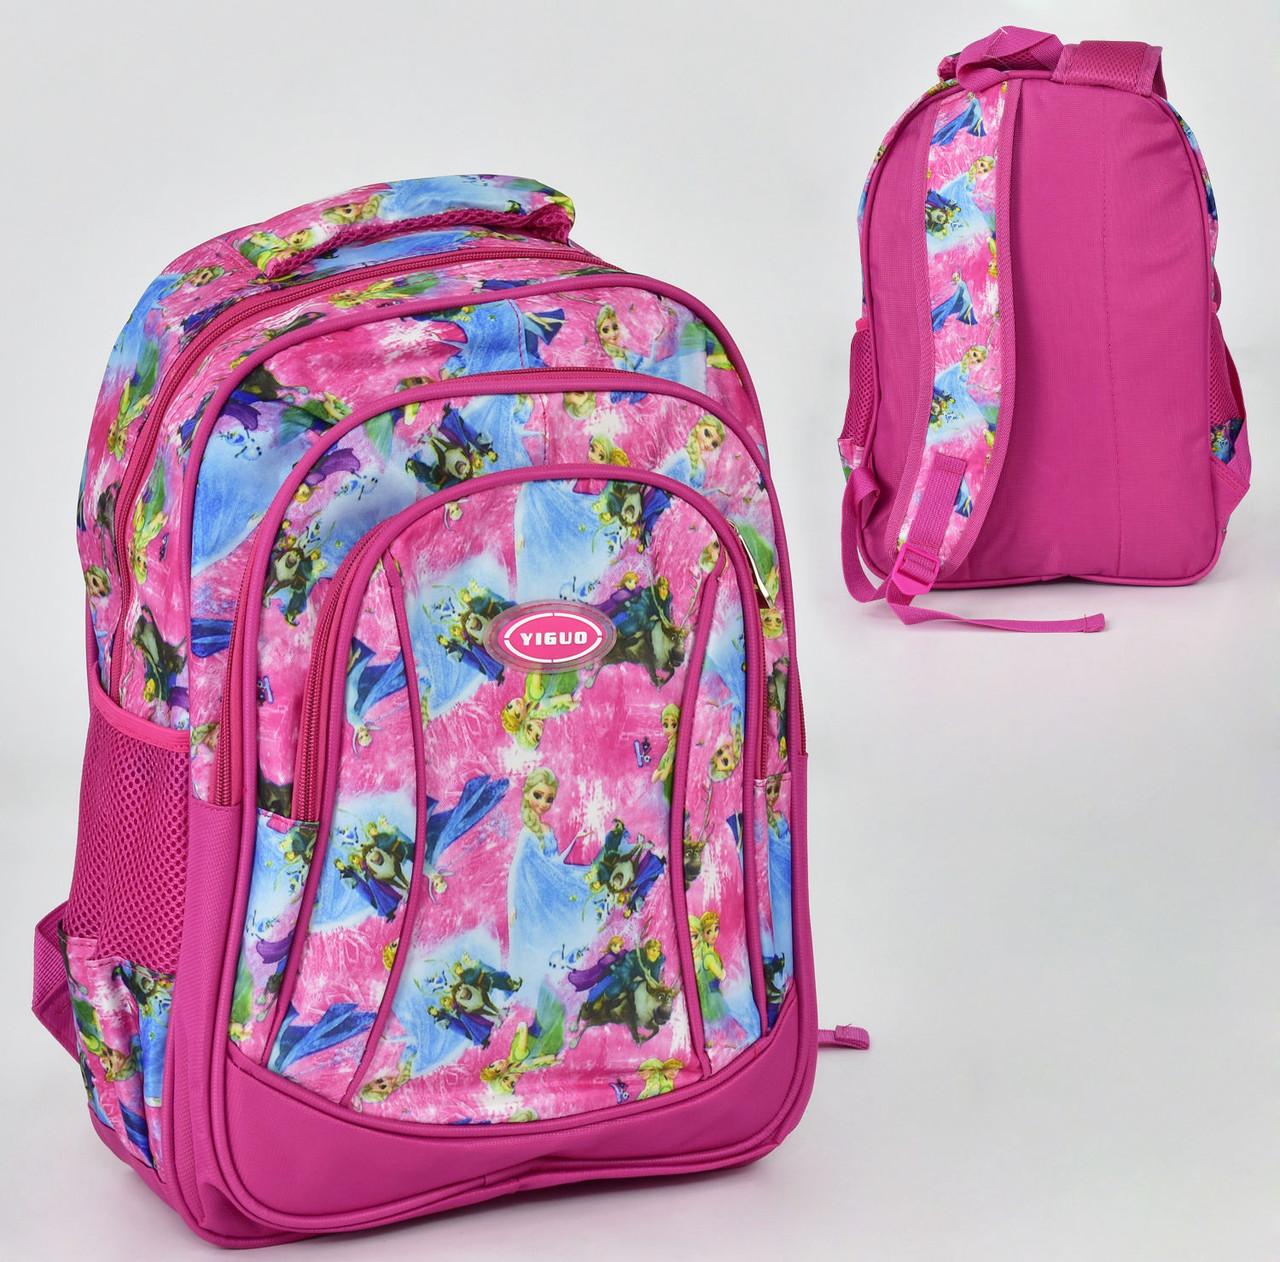 + Подарок Рюкзак школьный 2 отделения, 3 кармана, мягкая спинка